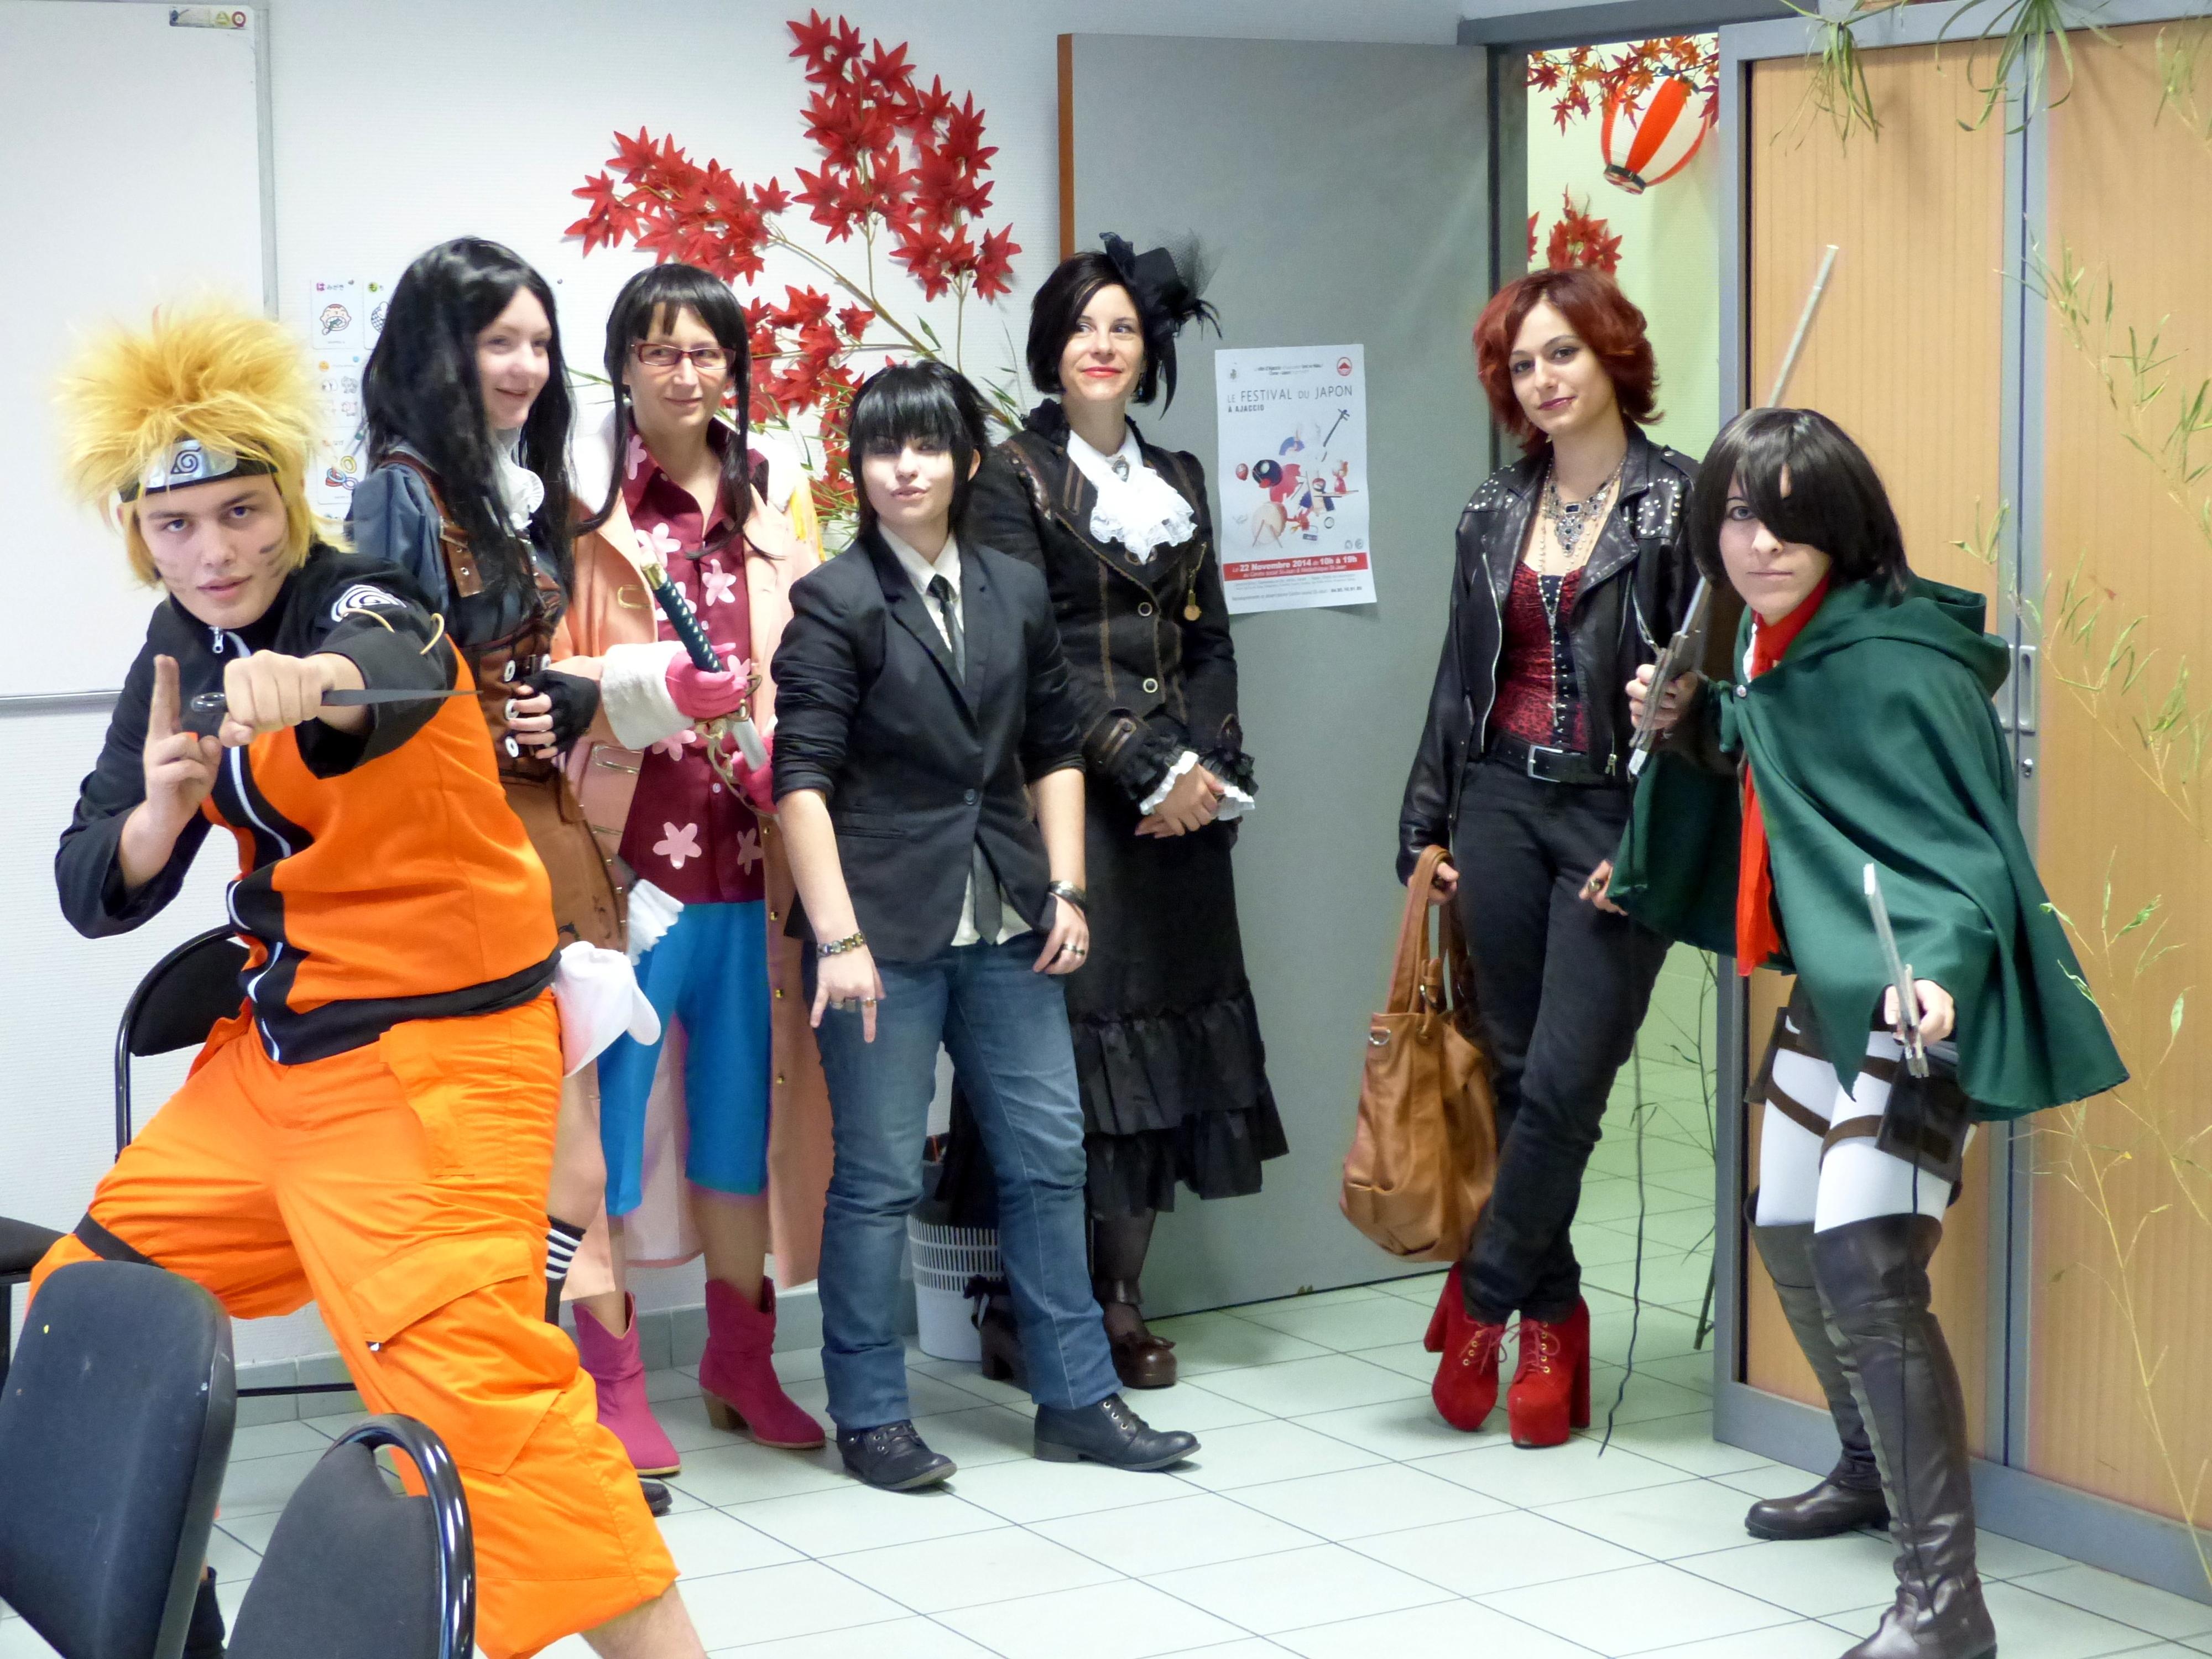 Les cosplayers avant le défilé